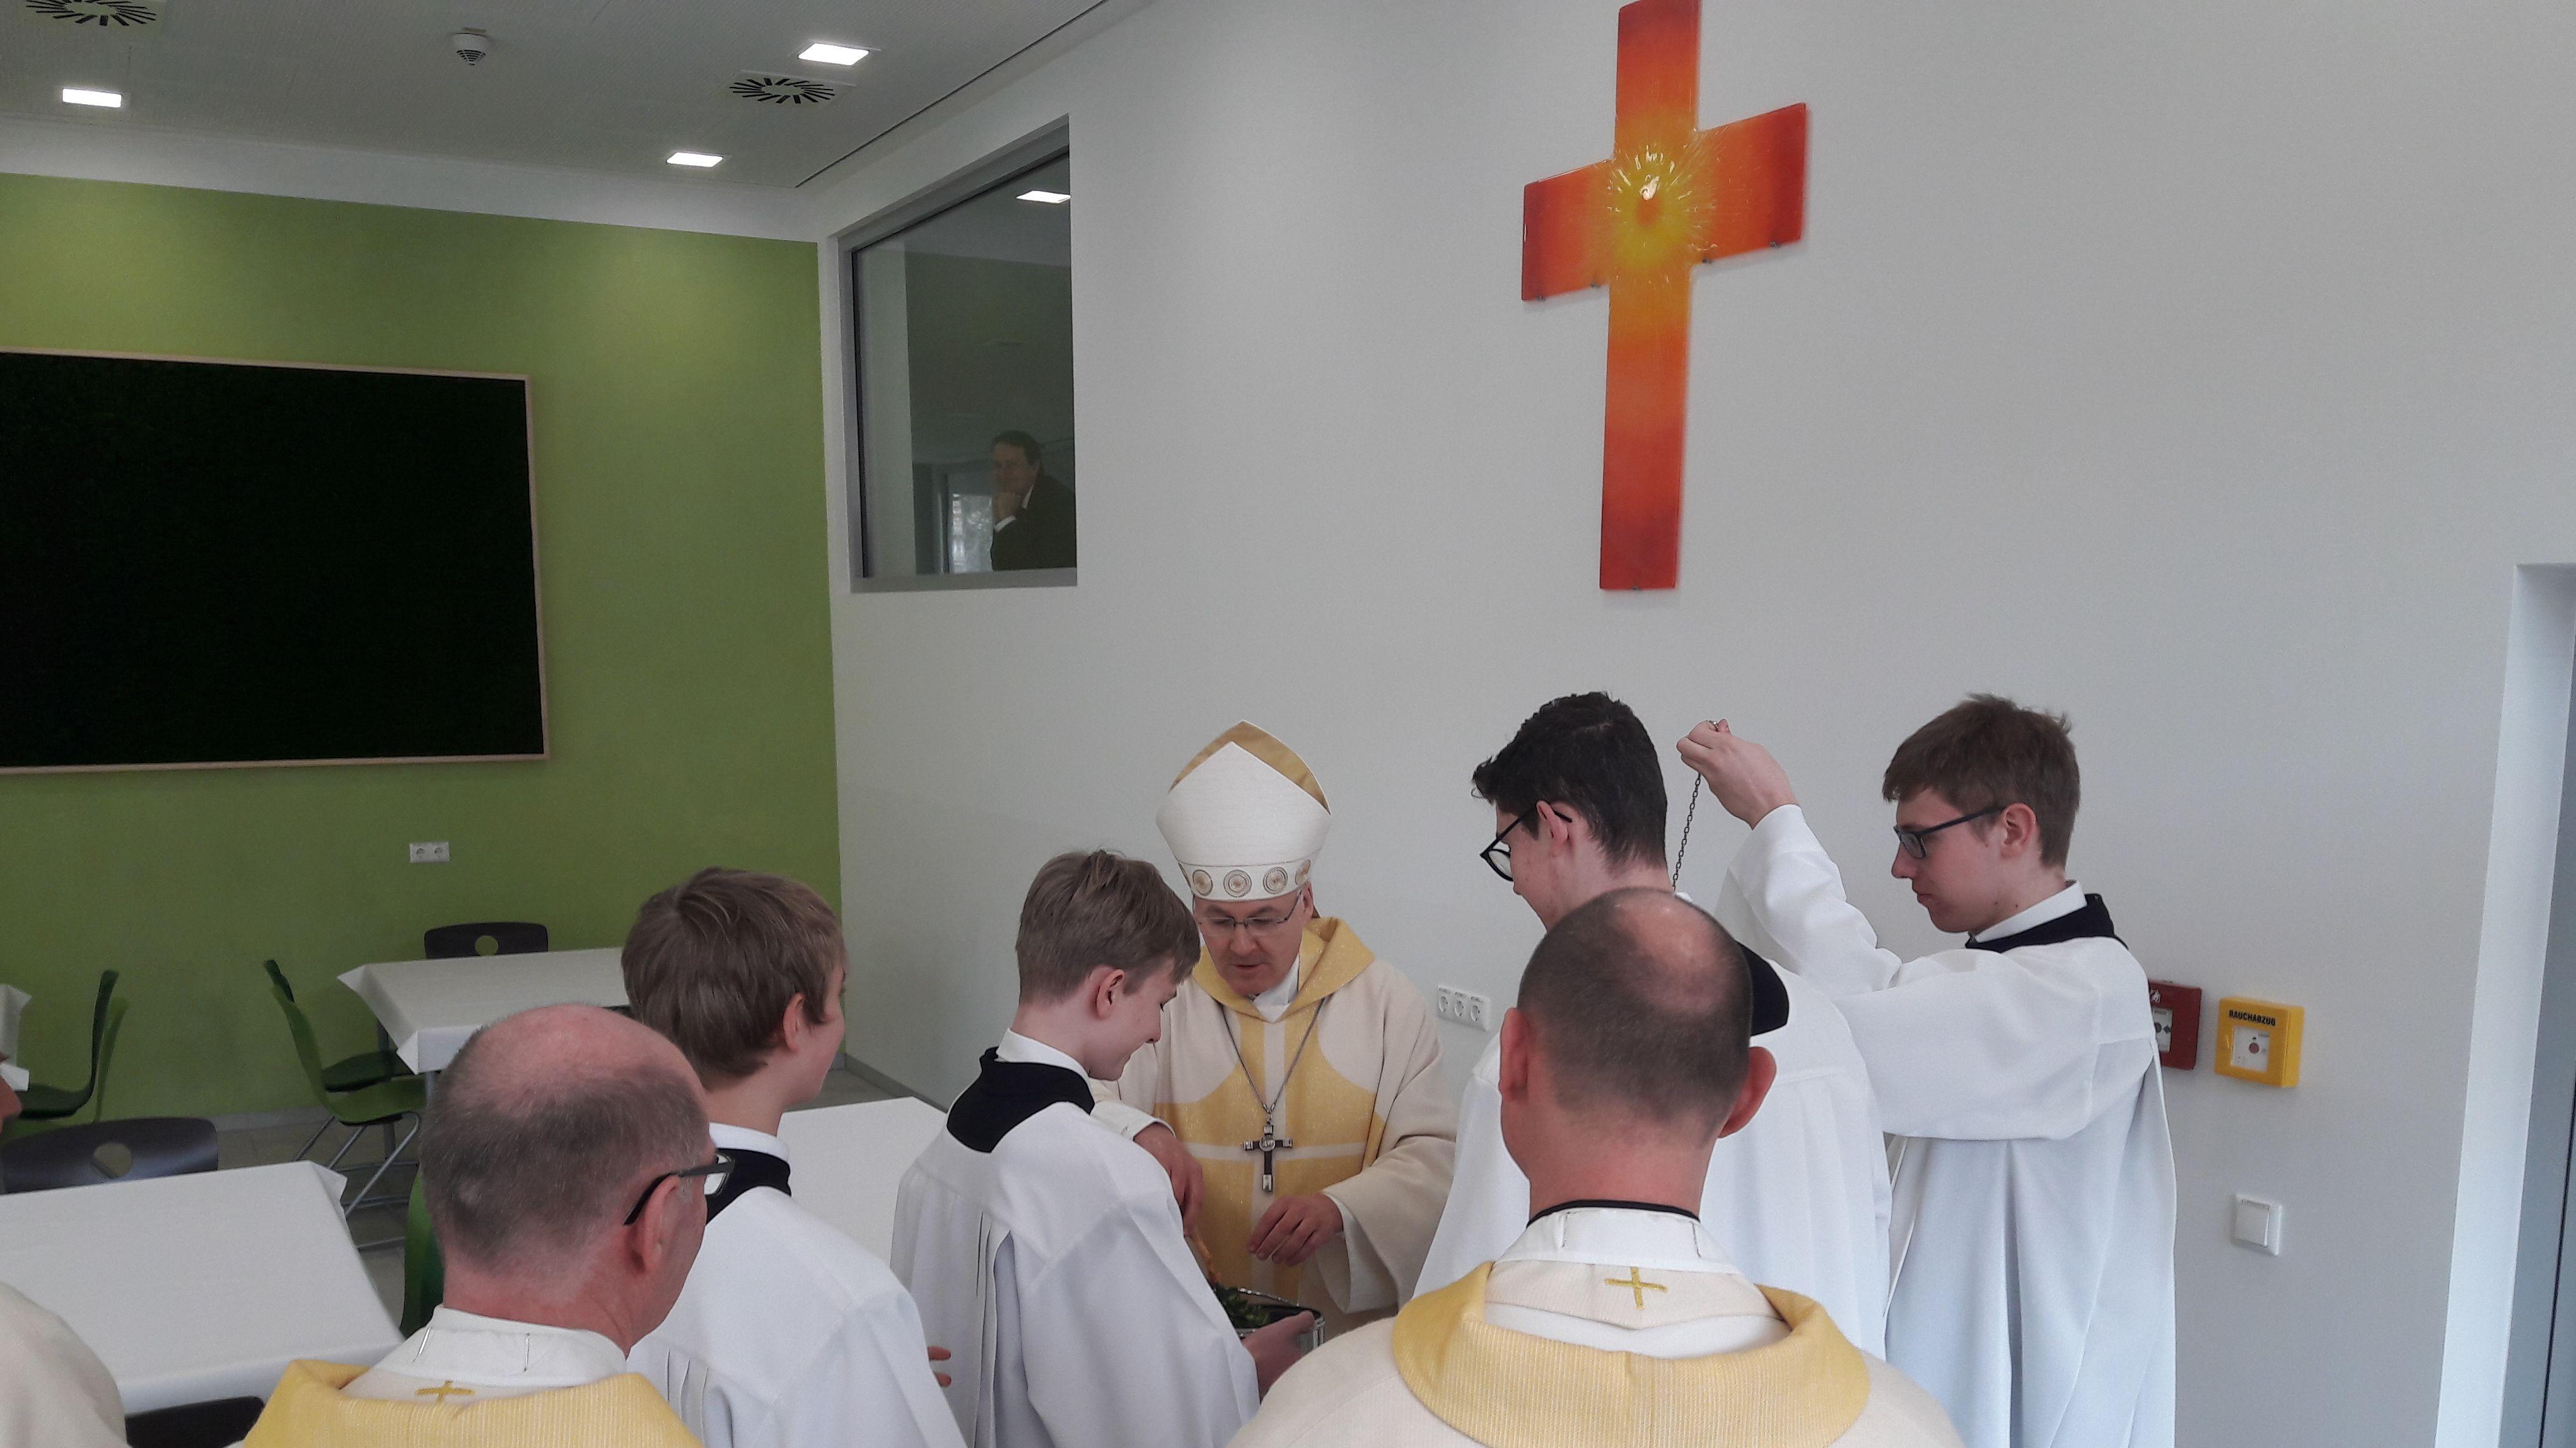 Der Regensburger Bischof Rudolf Voderholzer segnete im Rahmen der Feierlichkeiten das neue Zuhause der Domspatzen.